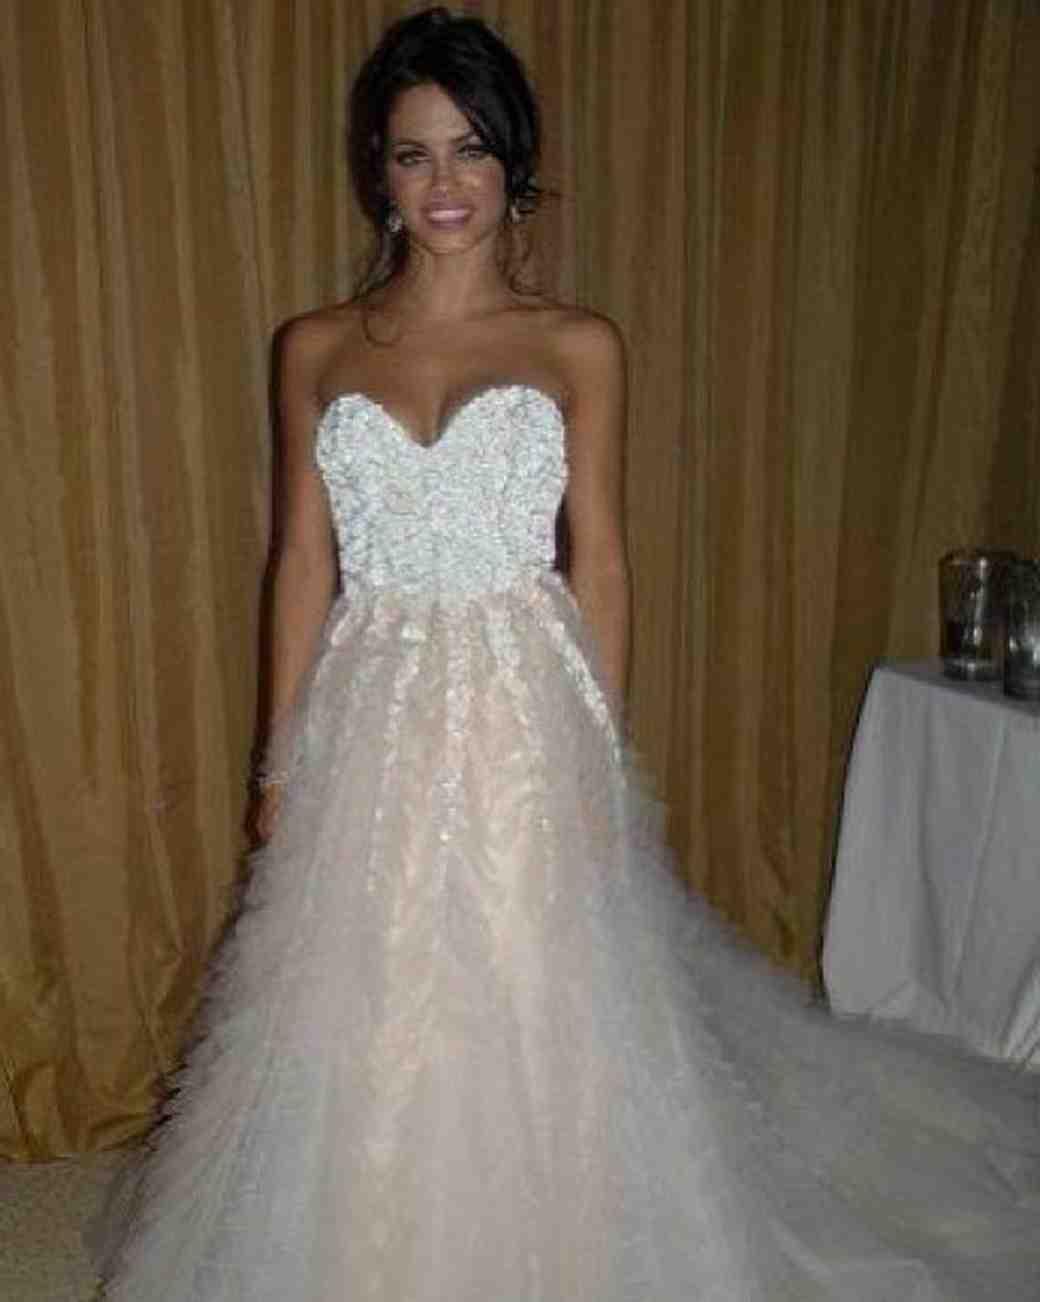 Jenna Dewan Tatum Wedding Dress